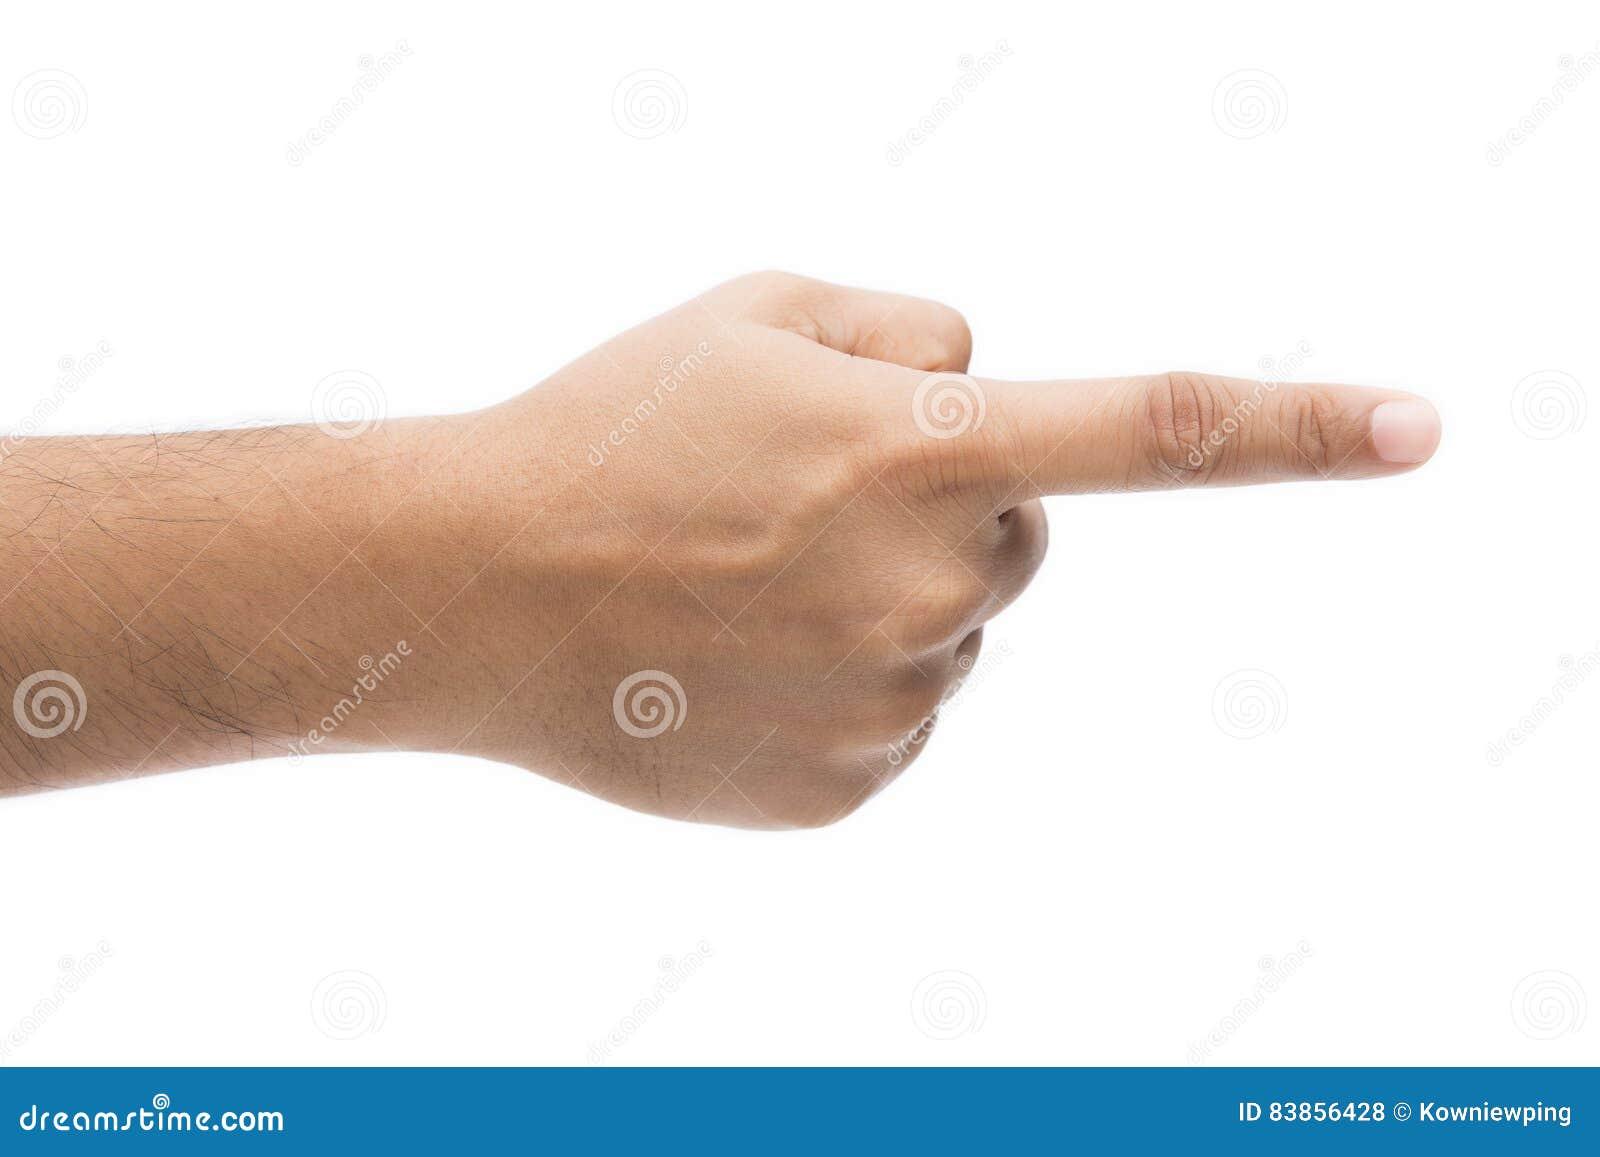 Apontar do dedo da mão isolado no fundo branco